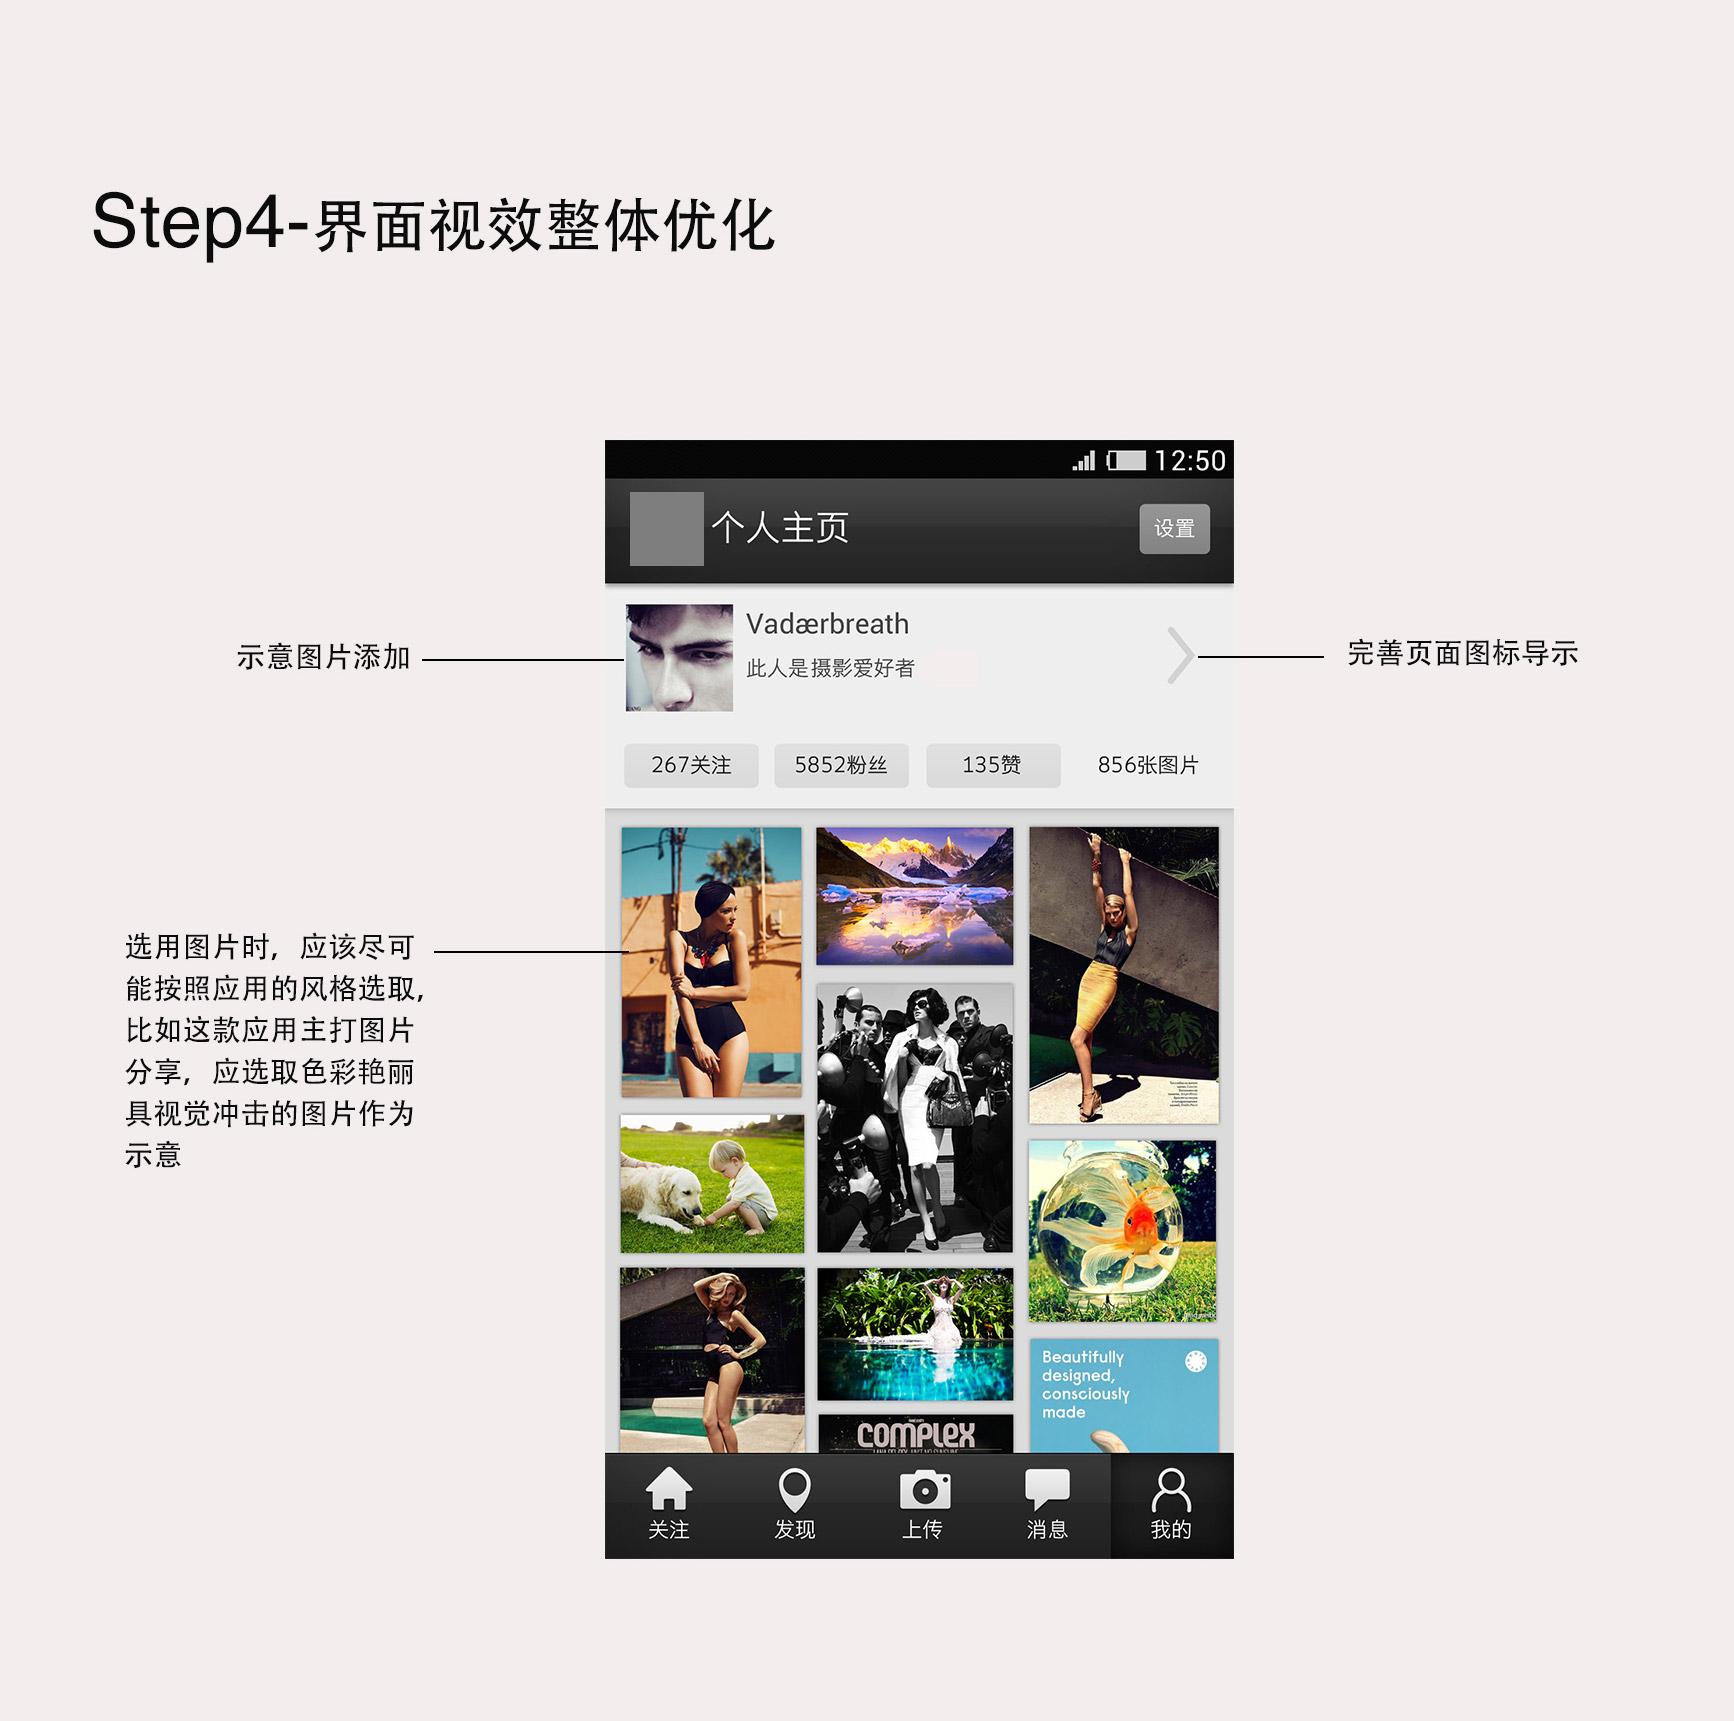 1462499951-5344-app-04